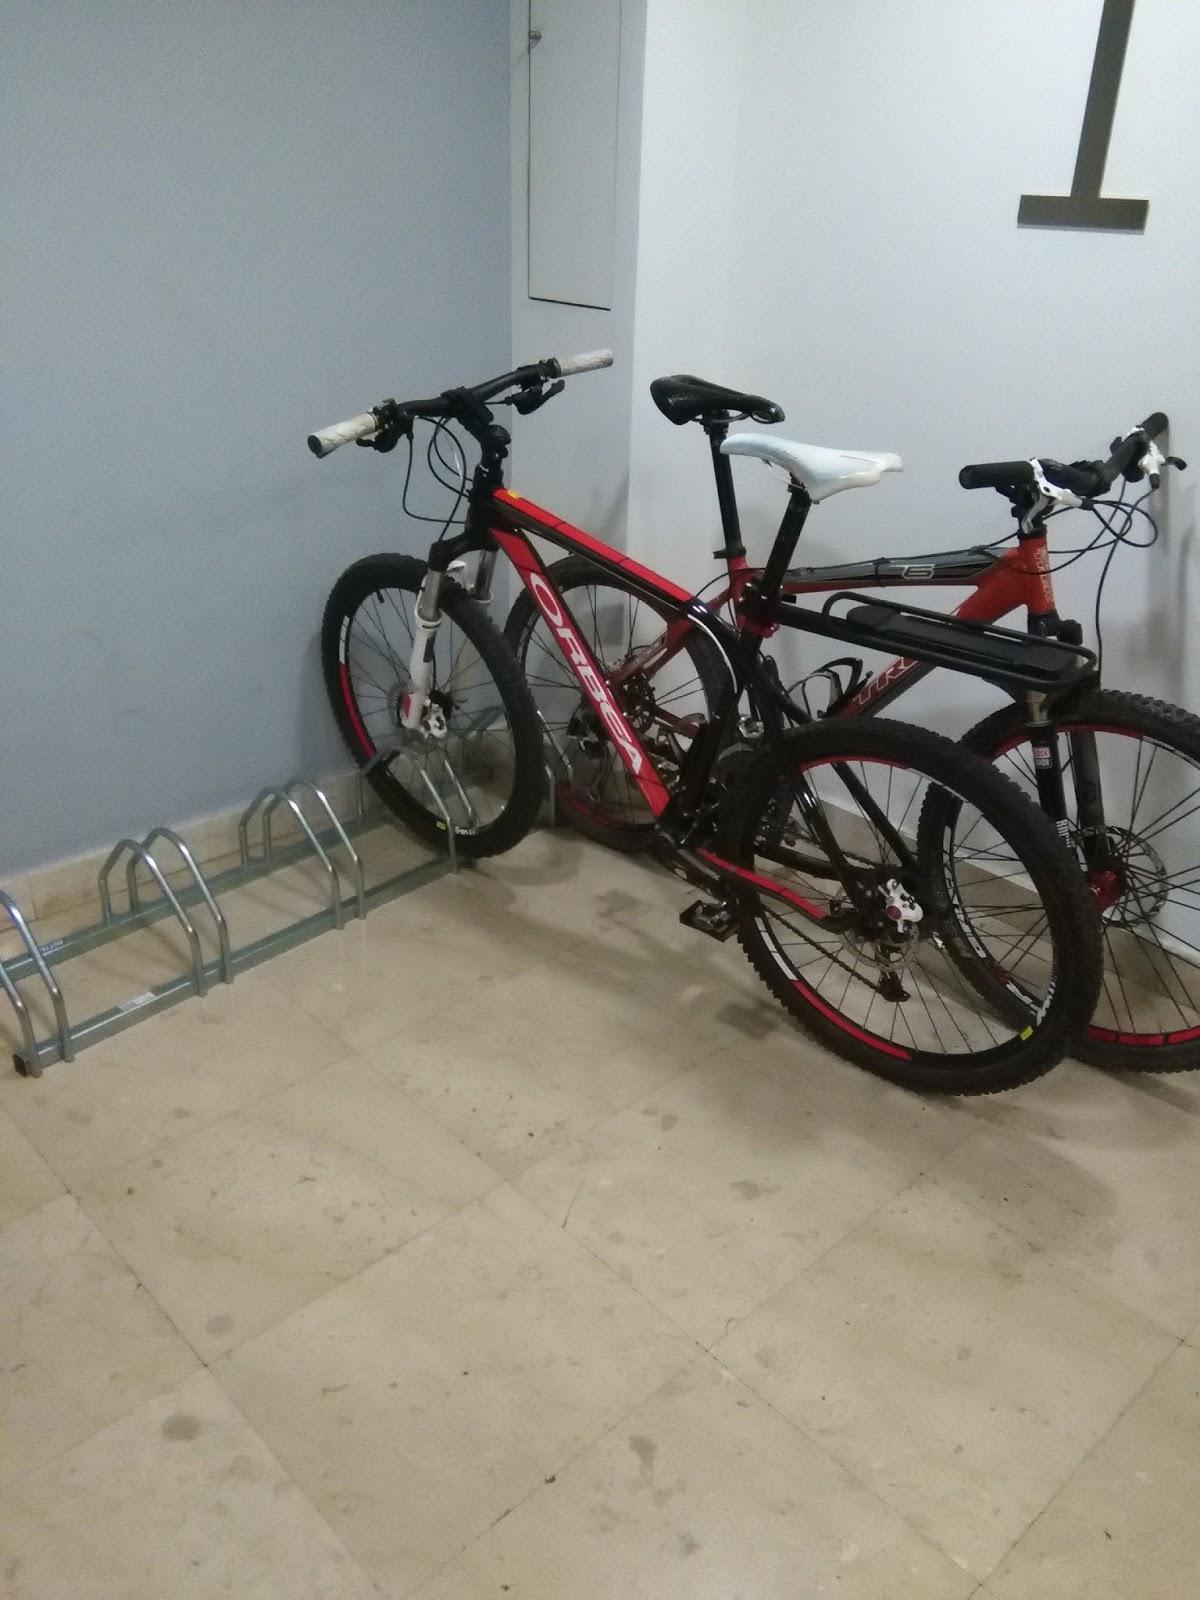 Guarda bicis best alquiler de guardabicis foto with - Guardar bicicletas en poco espacio ...